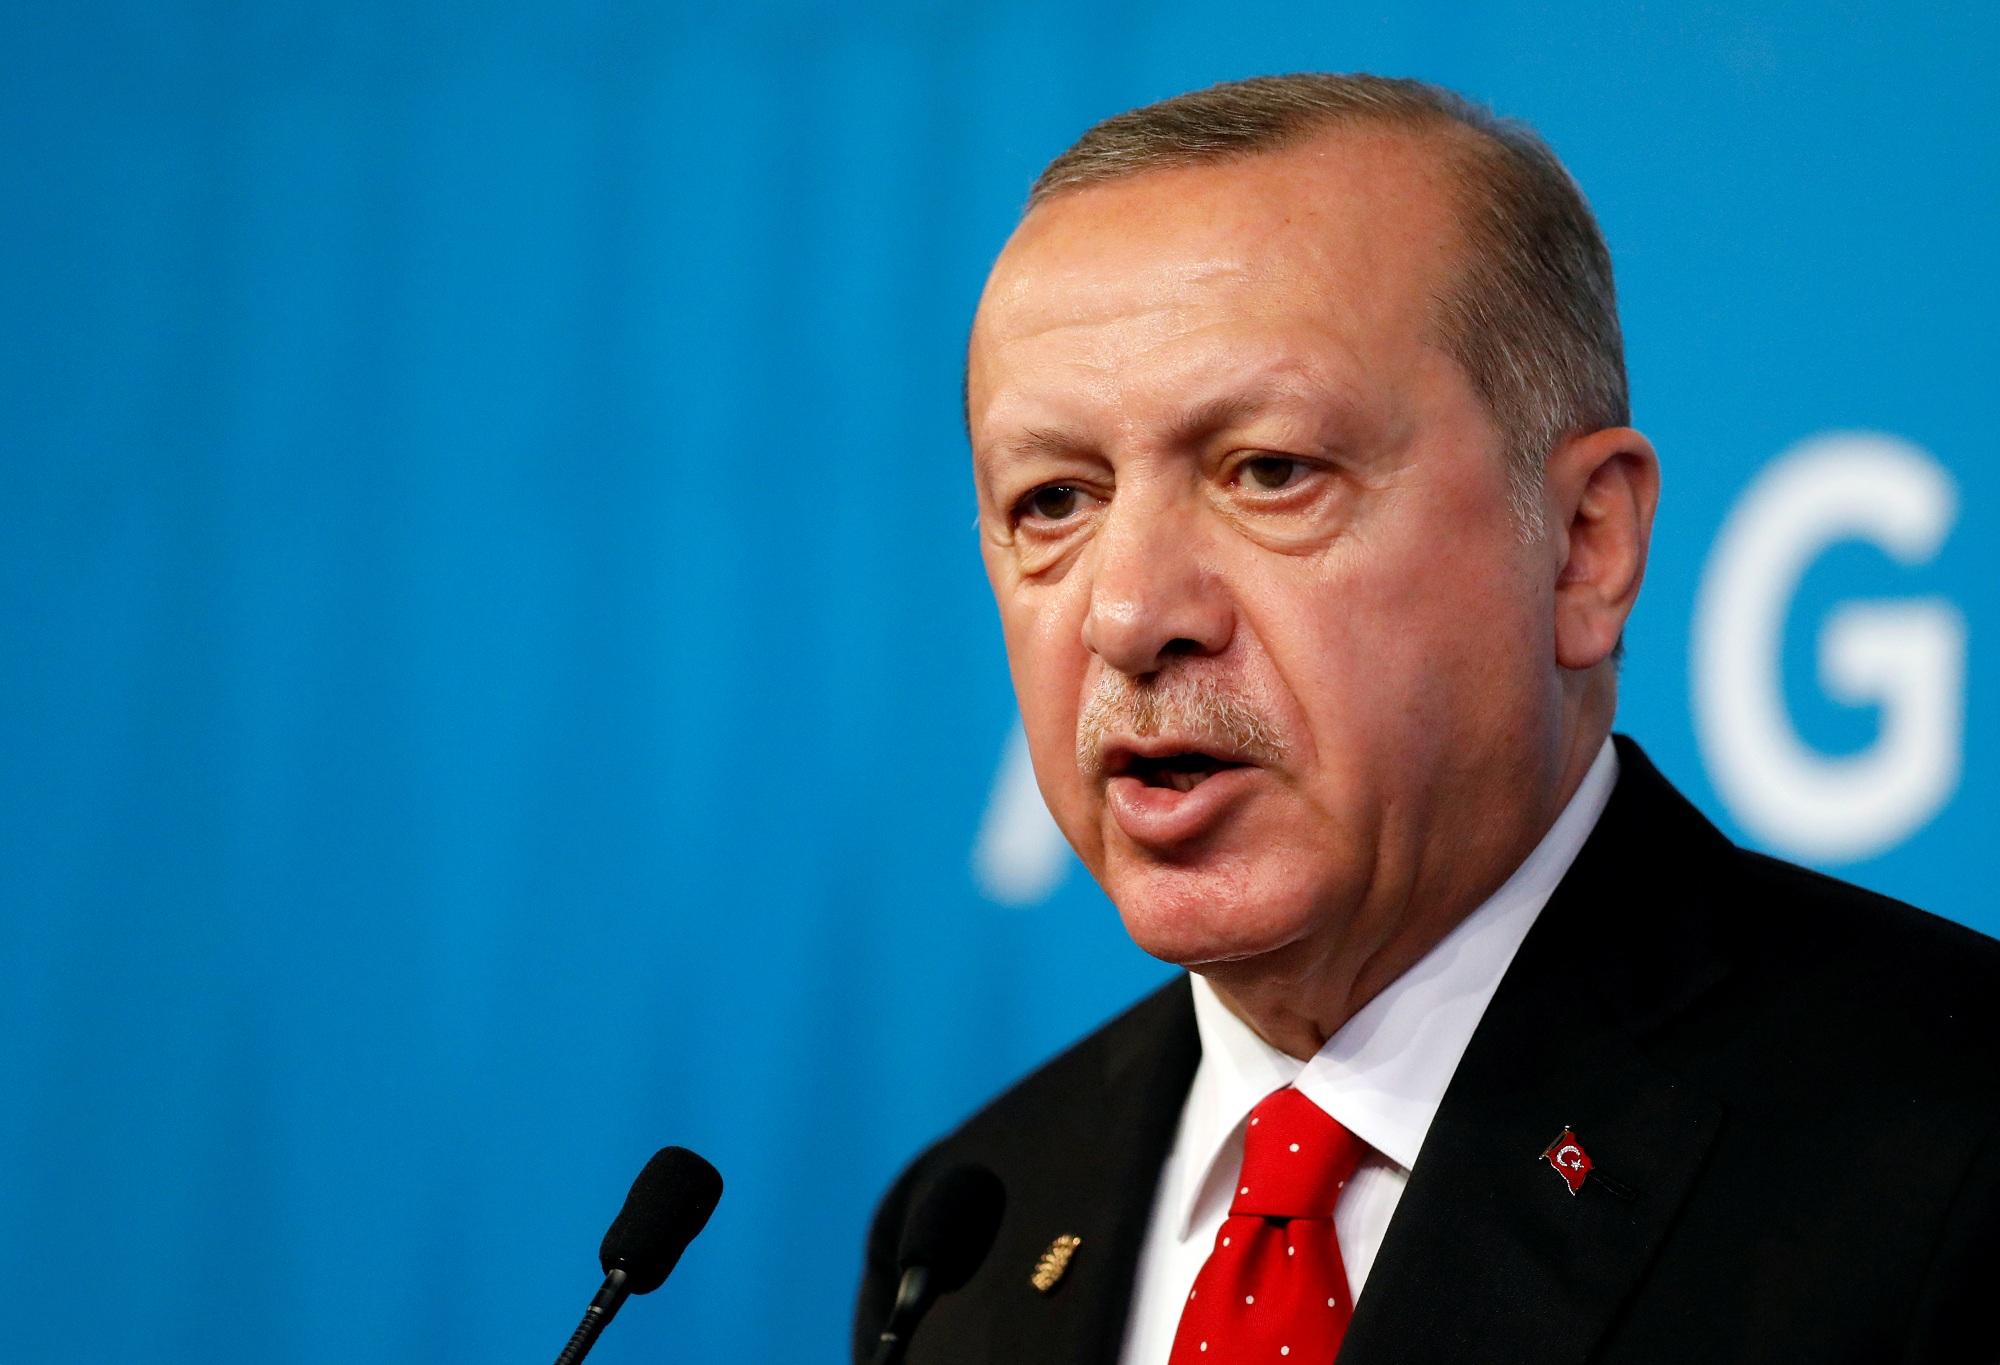 أردوغان لبوتين: هجوم الجيش السوري يسبب أزمة إنسانية كبرى